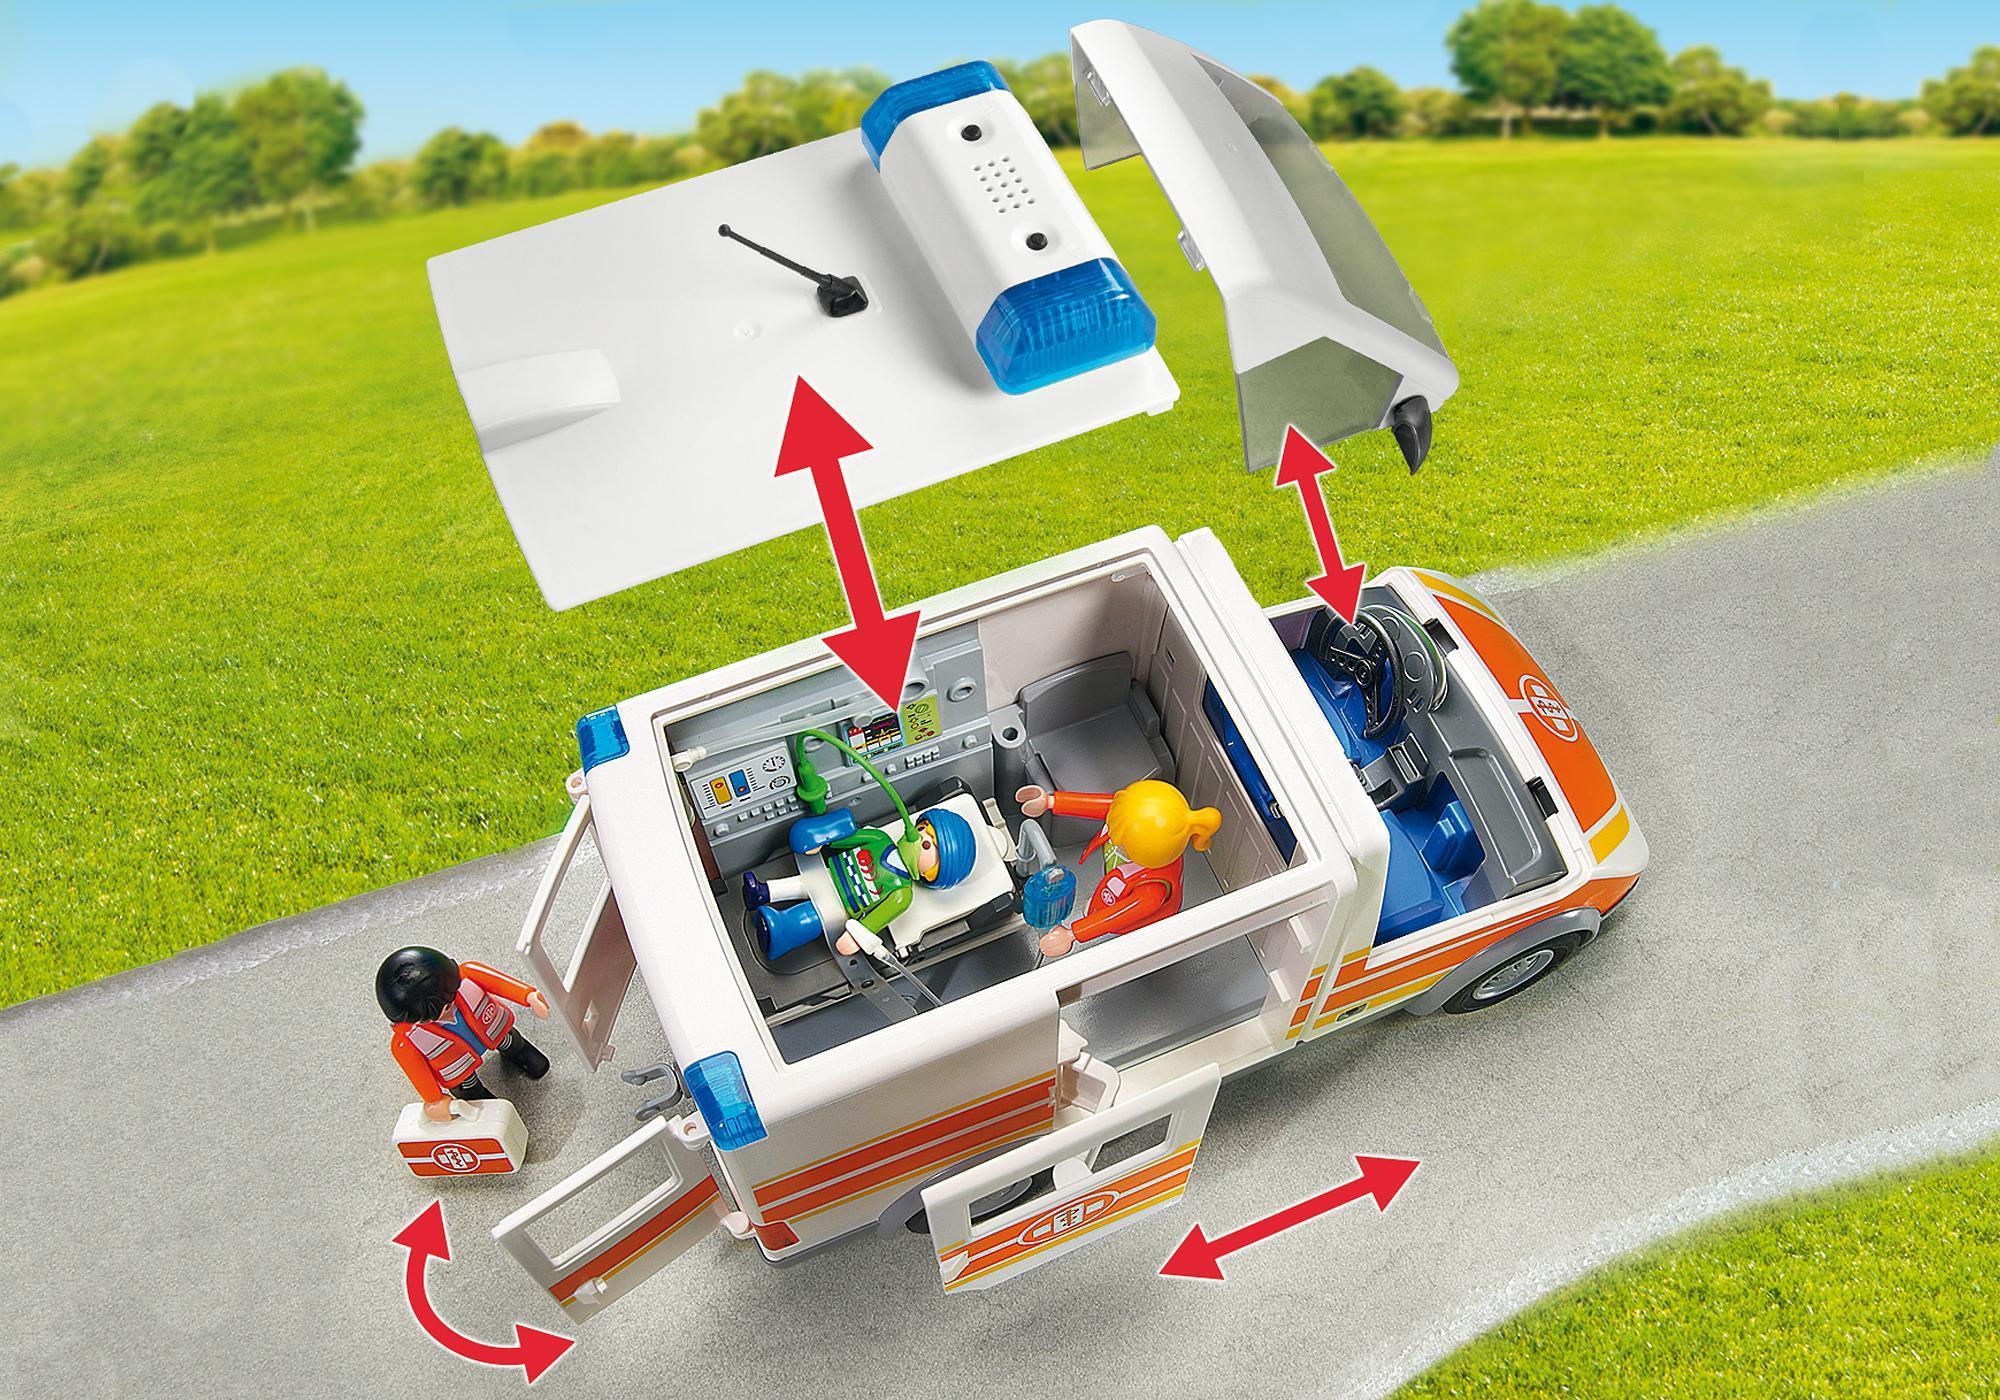 http://media.playmobil.com/i/playmobil/6685_product_extra3/Ambulância com Luzes e Som